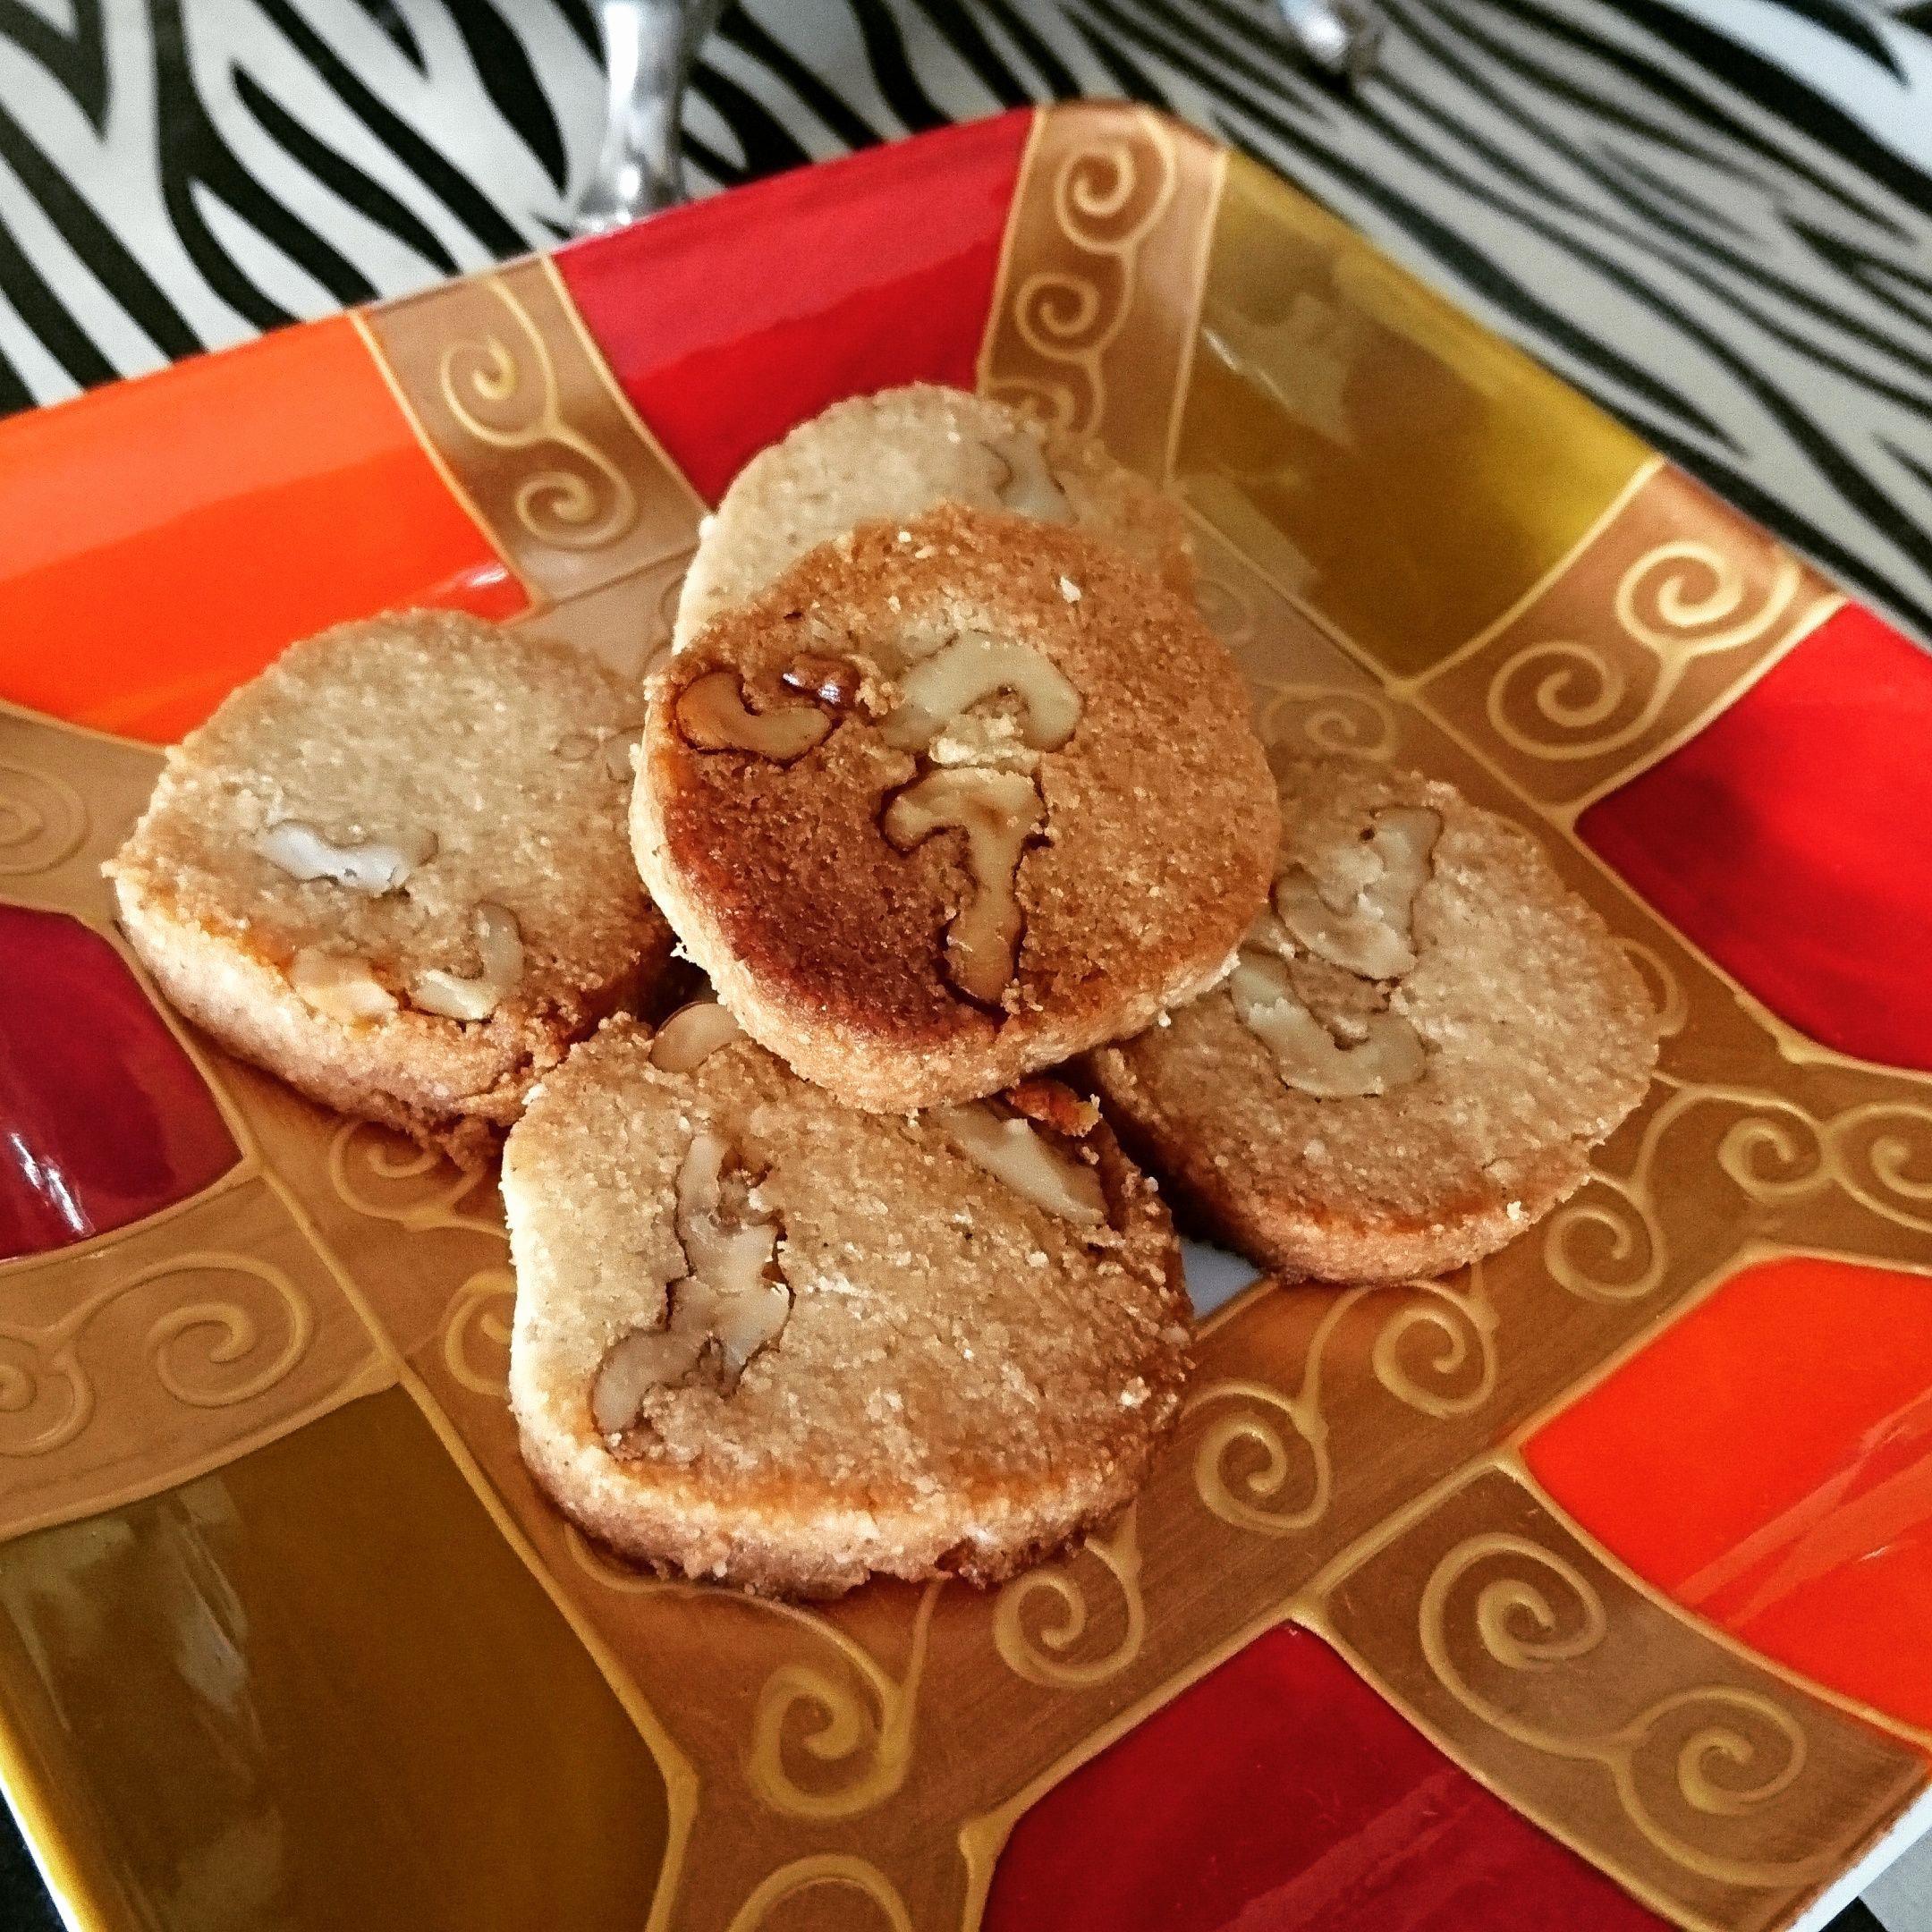 Recette Sans Gluten Marmiton Impressionnant Photos 45 Luxueux Marmiton Recette Saison Des Idées